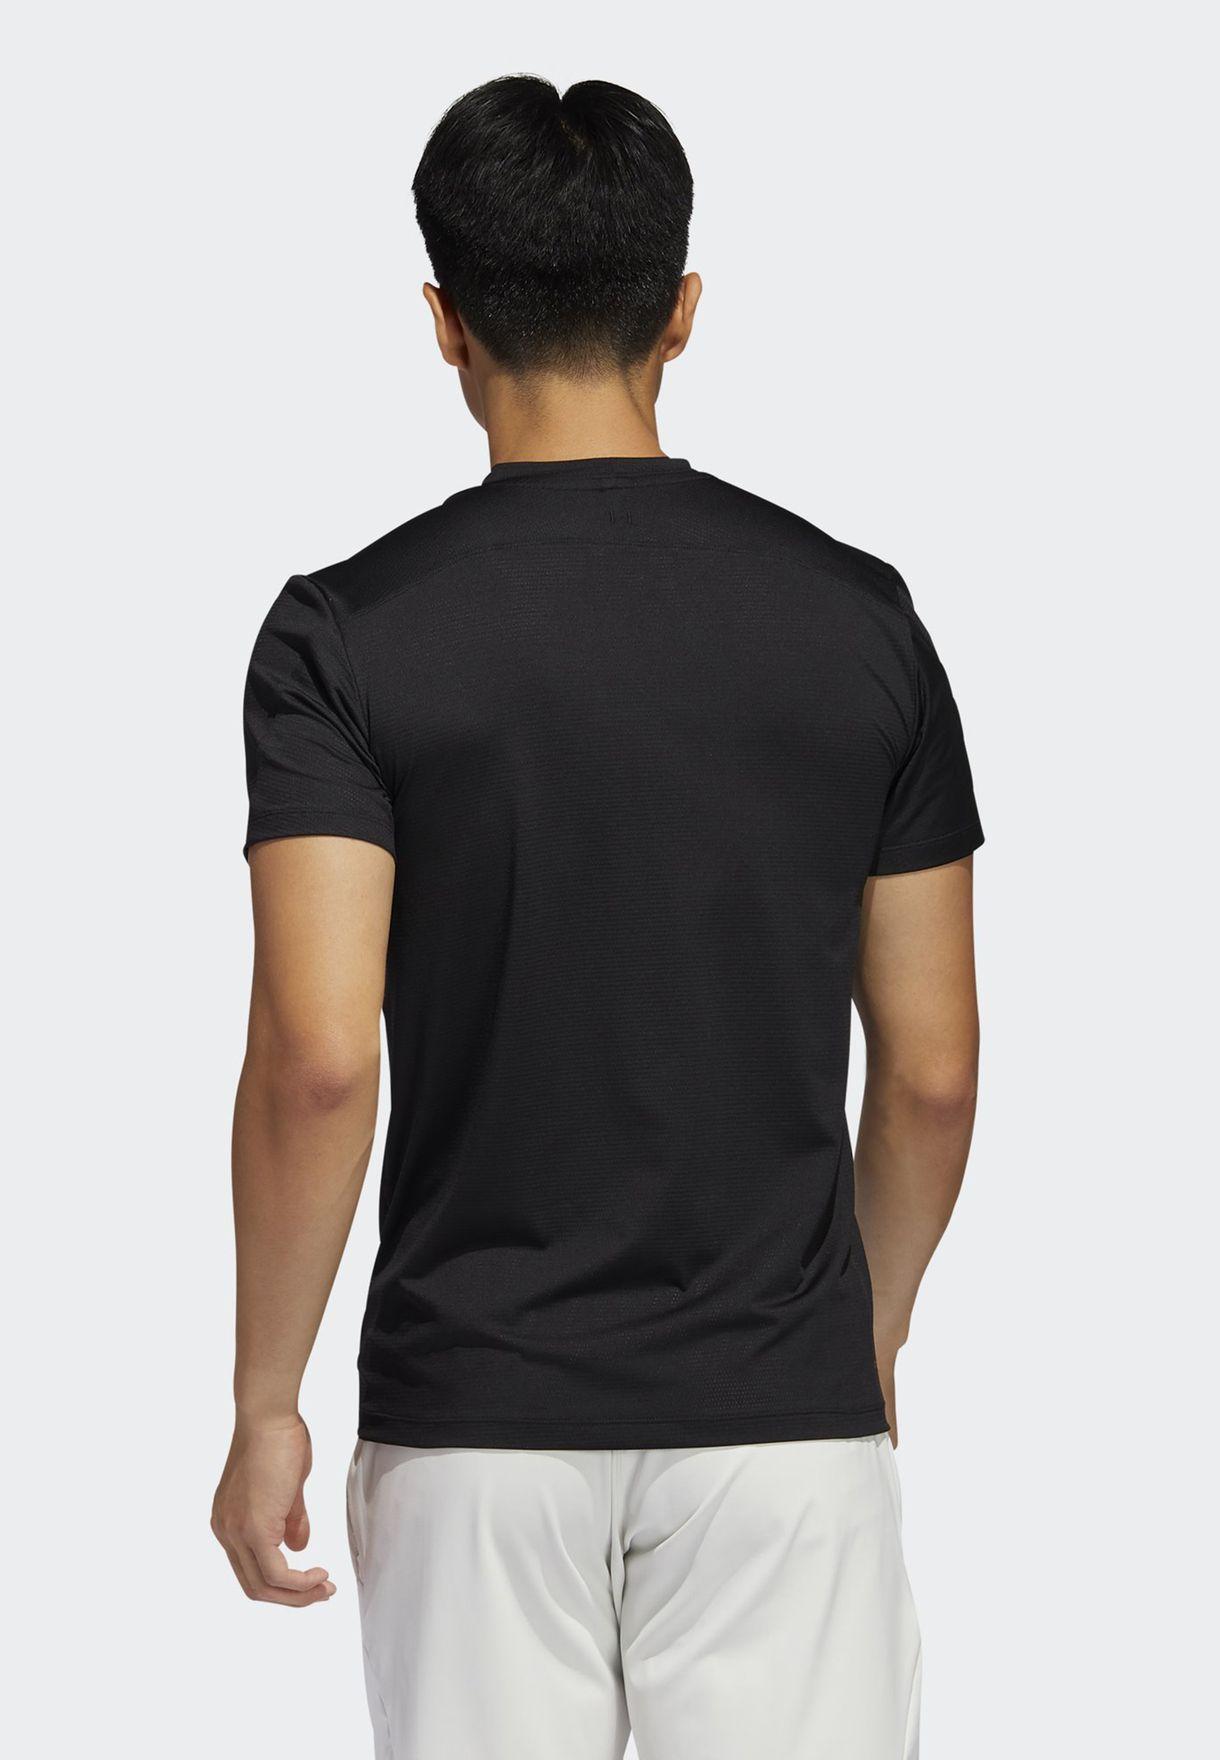 Kenta Rise T-Shirt